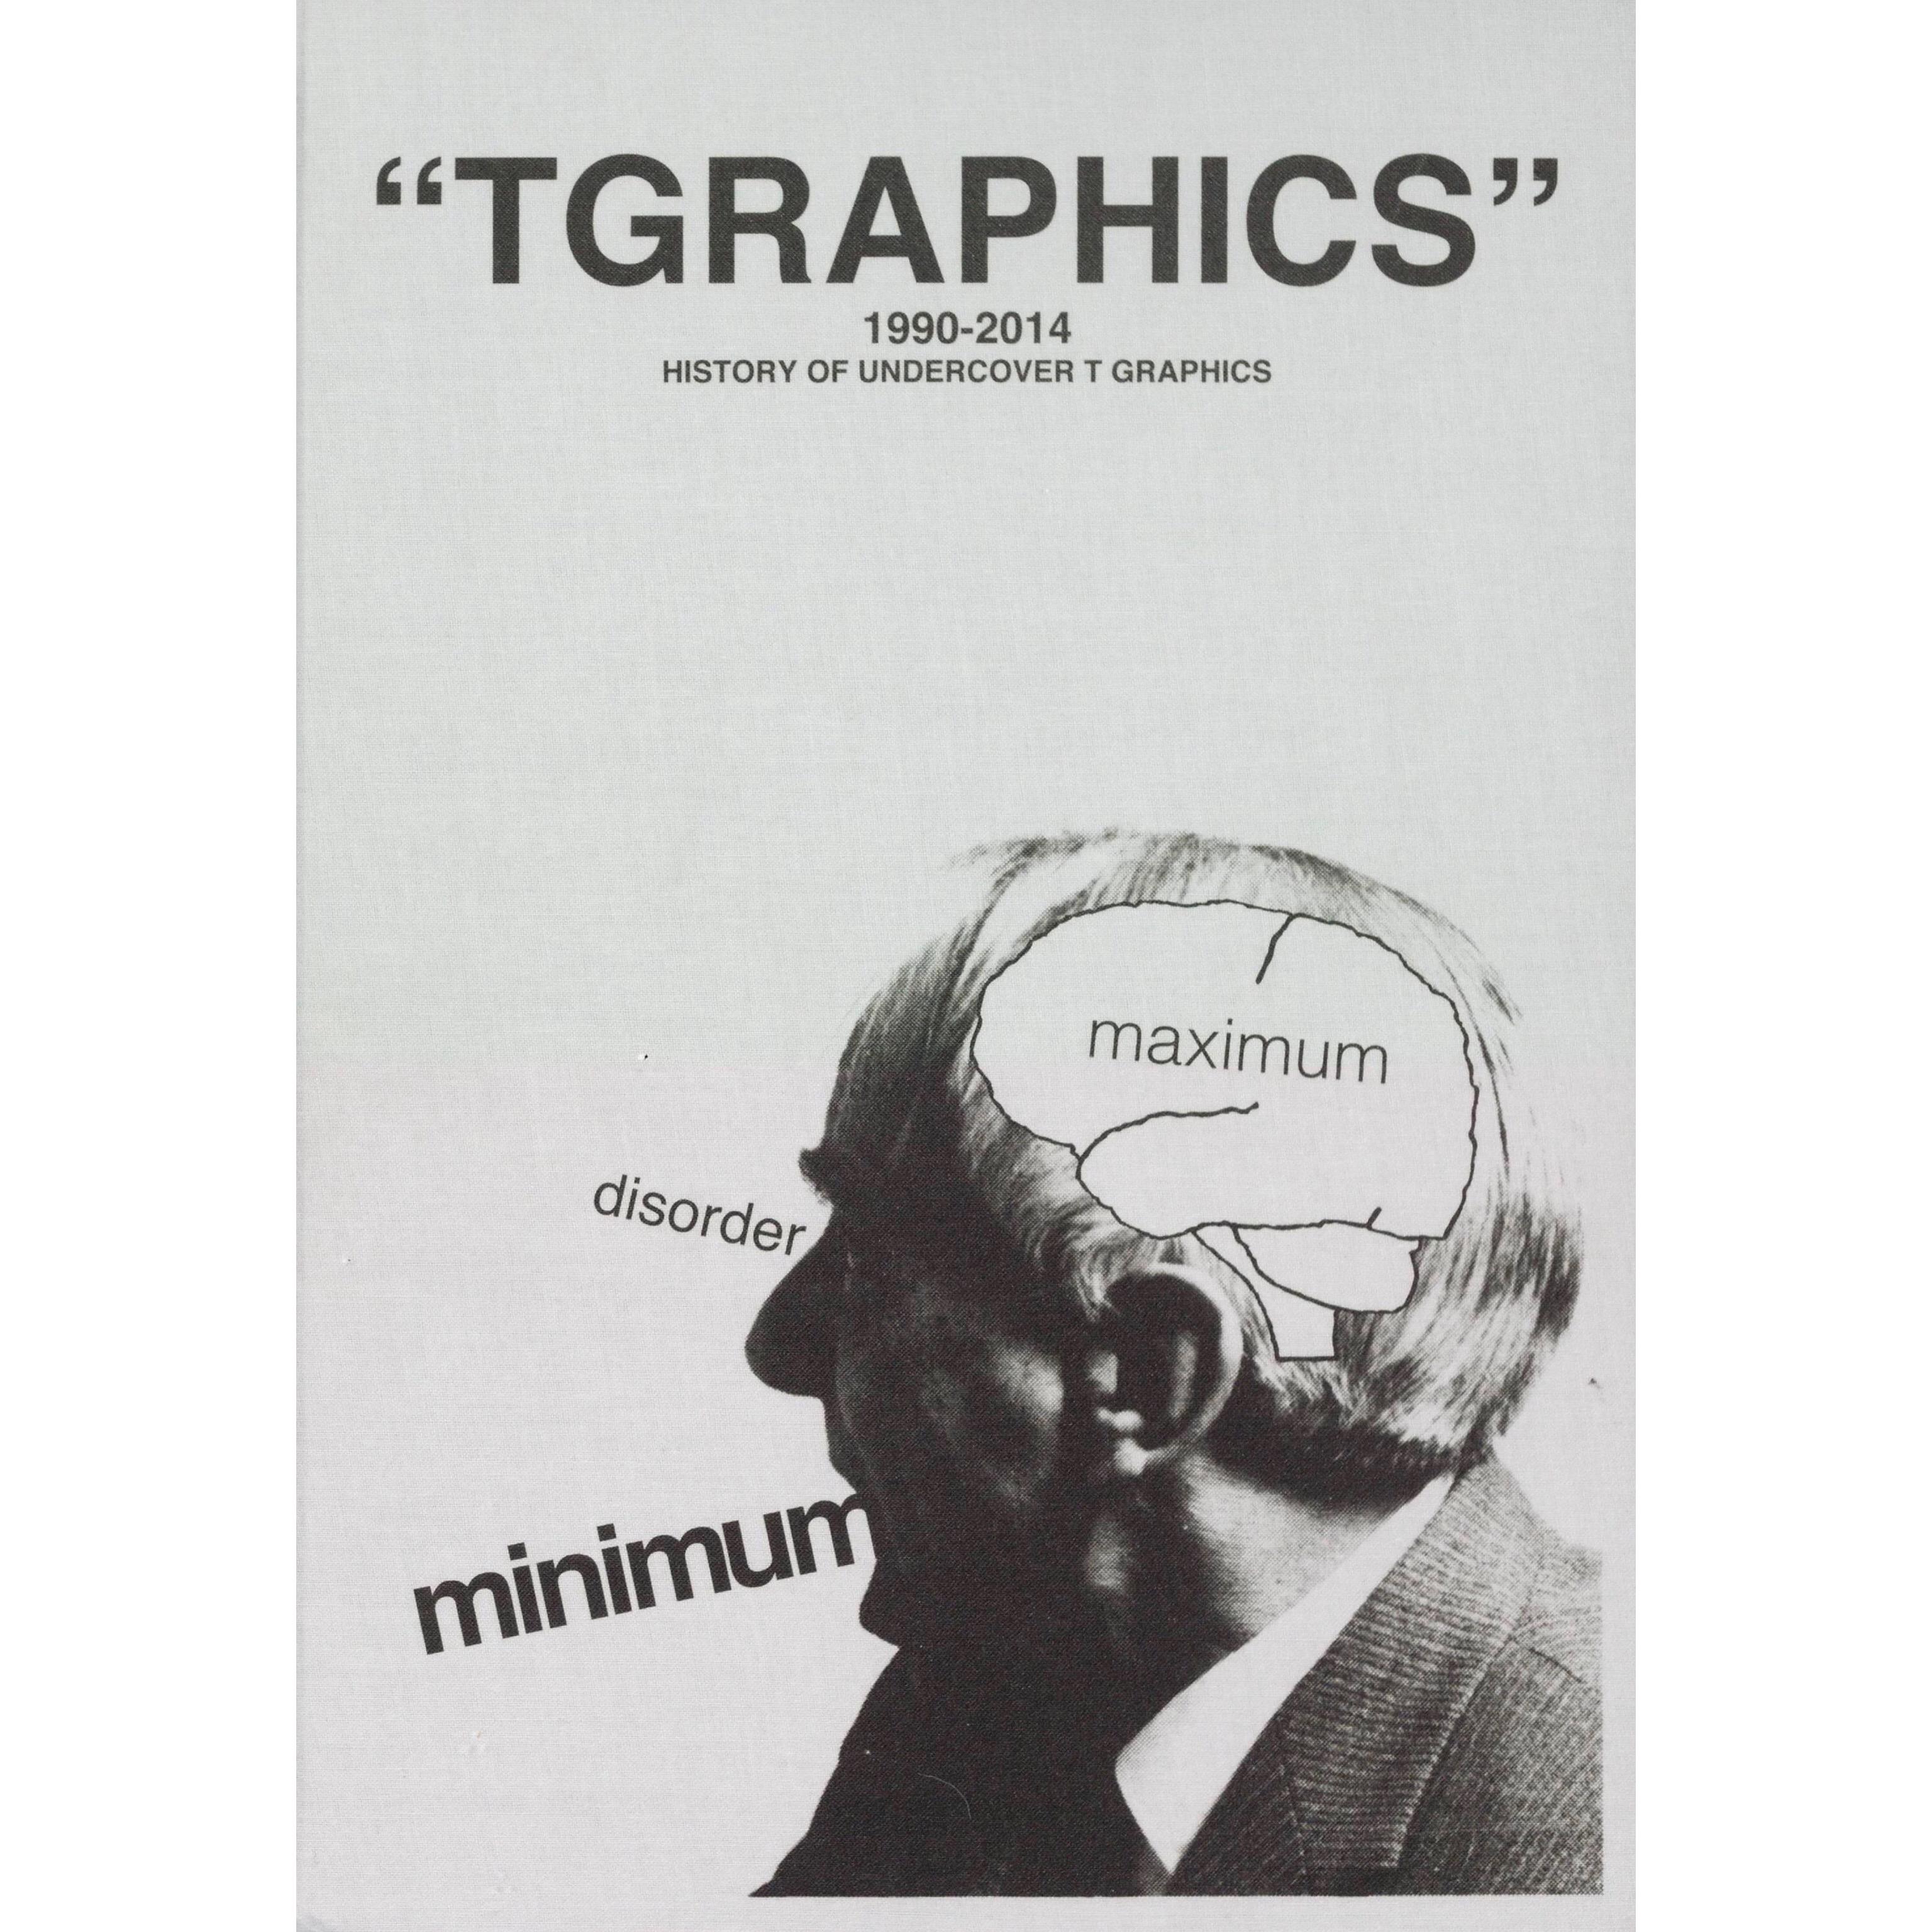 UNDERCOVER TGRAPHICS libro archivo descargar